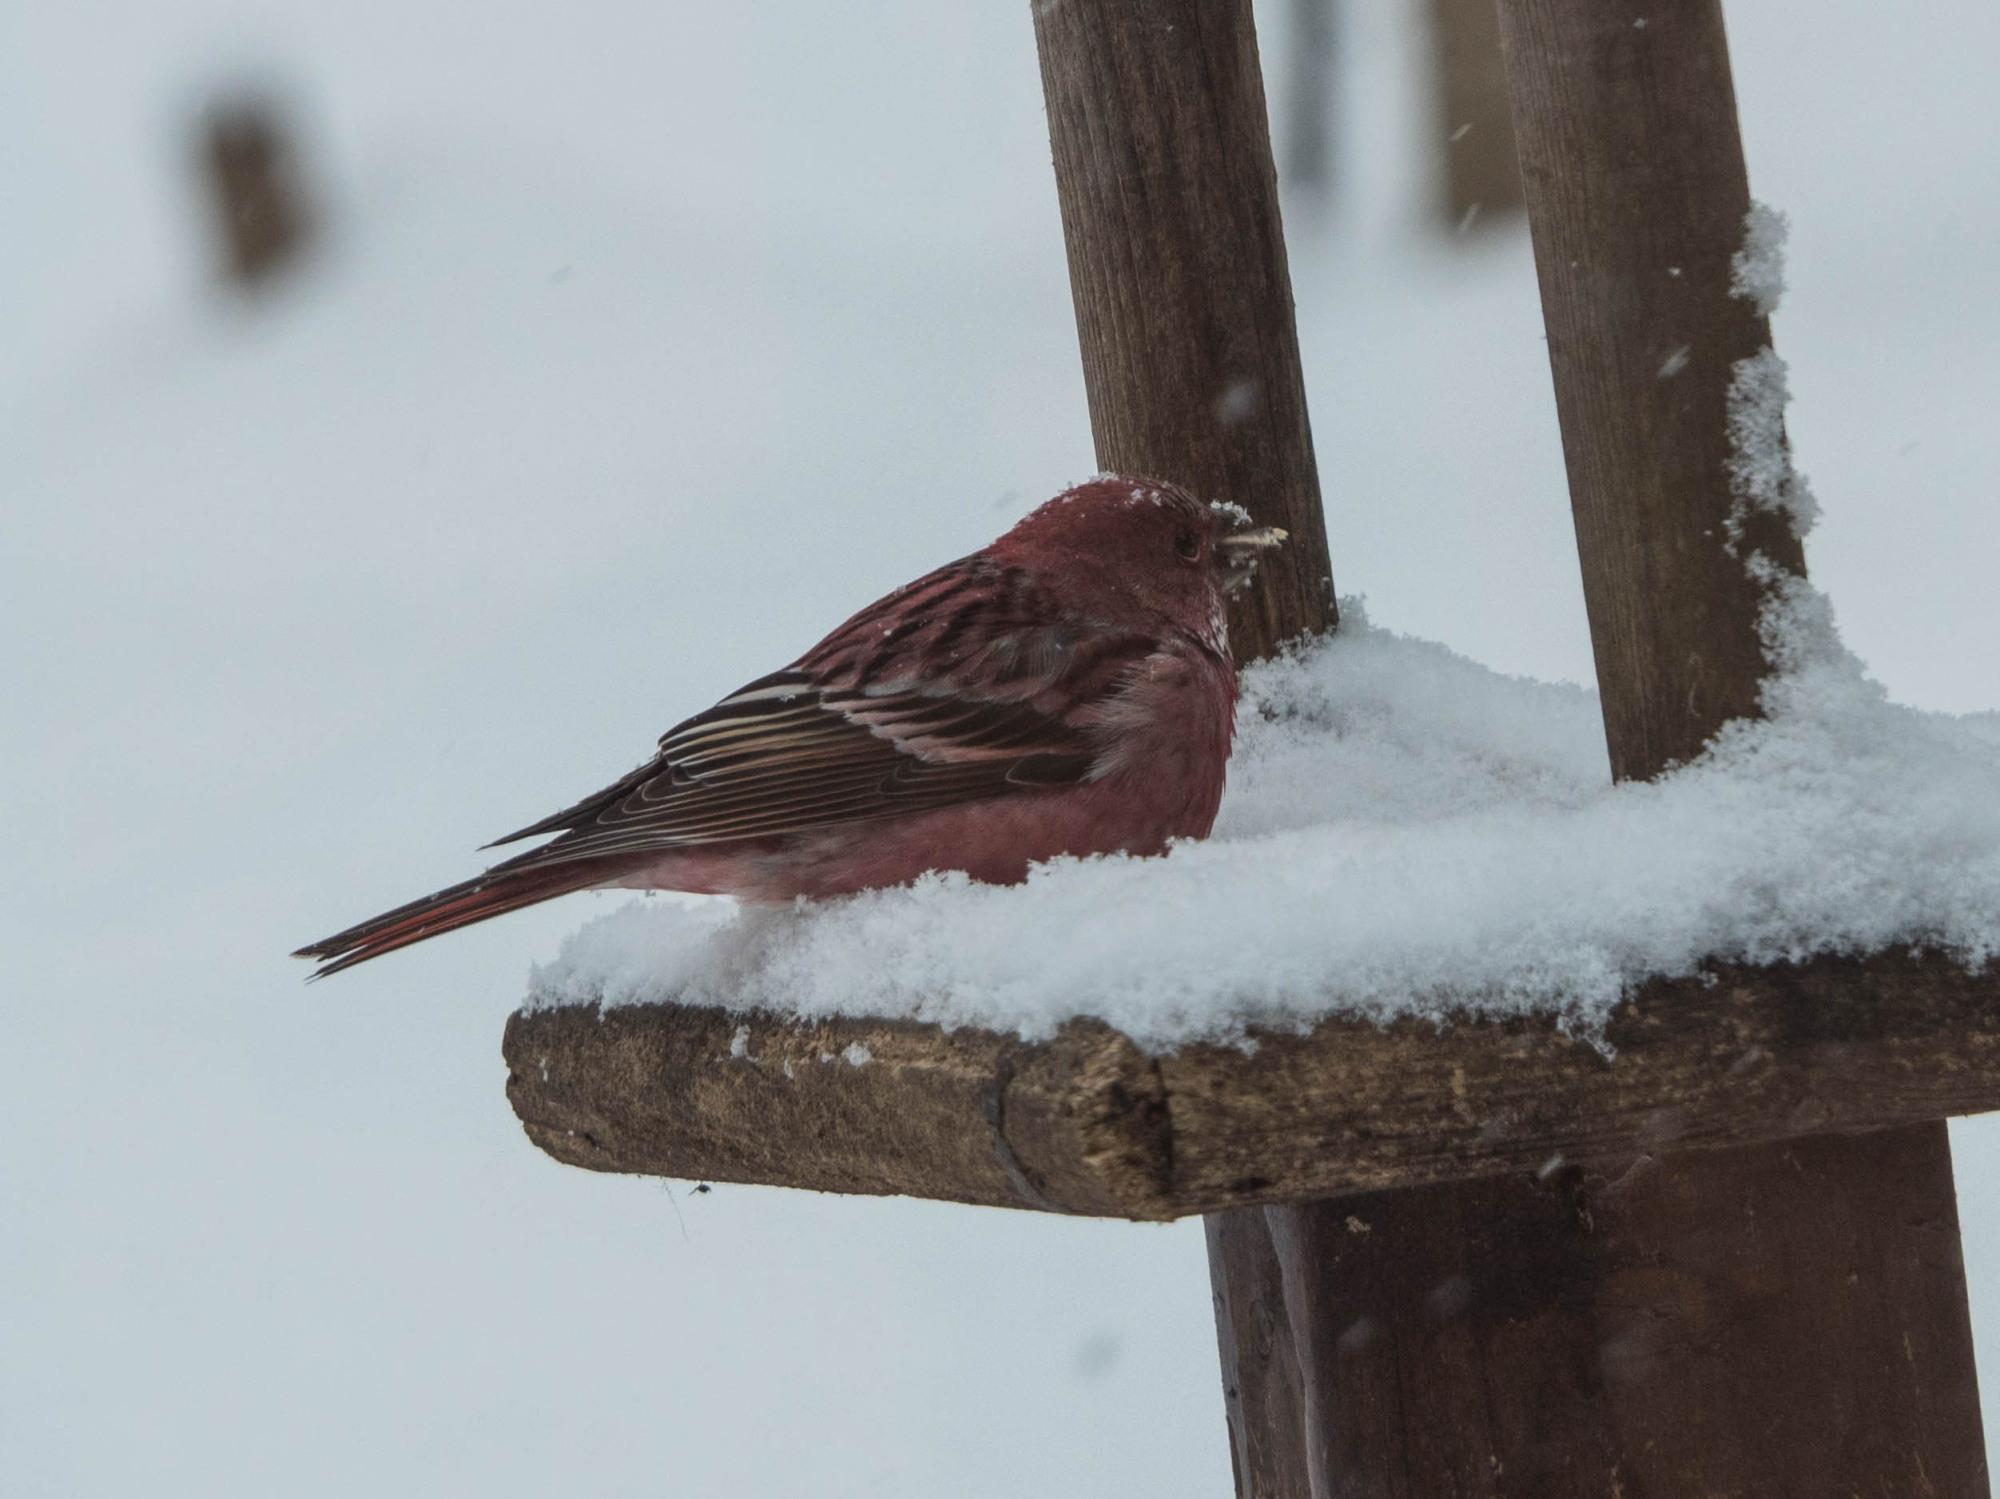 雪まみれのエゾリス君の後・・真っ赤なオオマシコさんがやって来ました。_f0276498_00380859.jpg